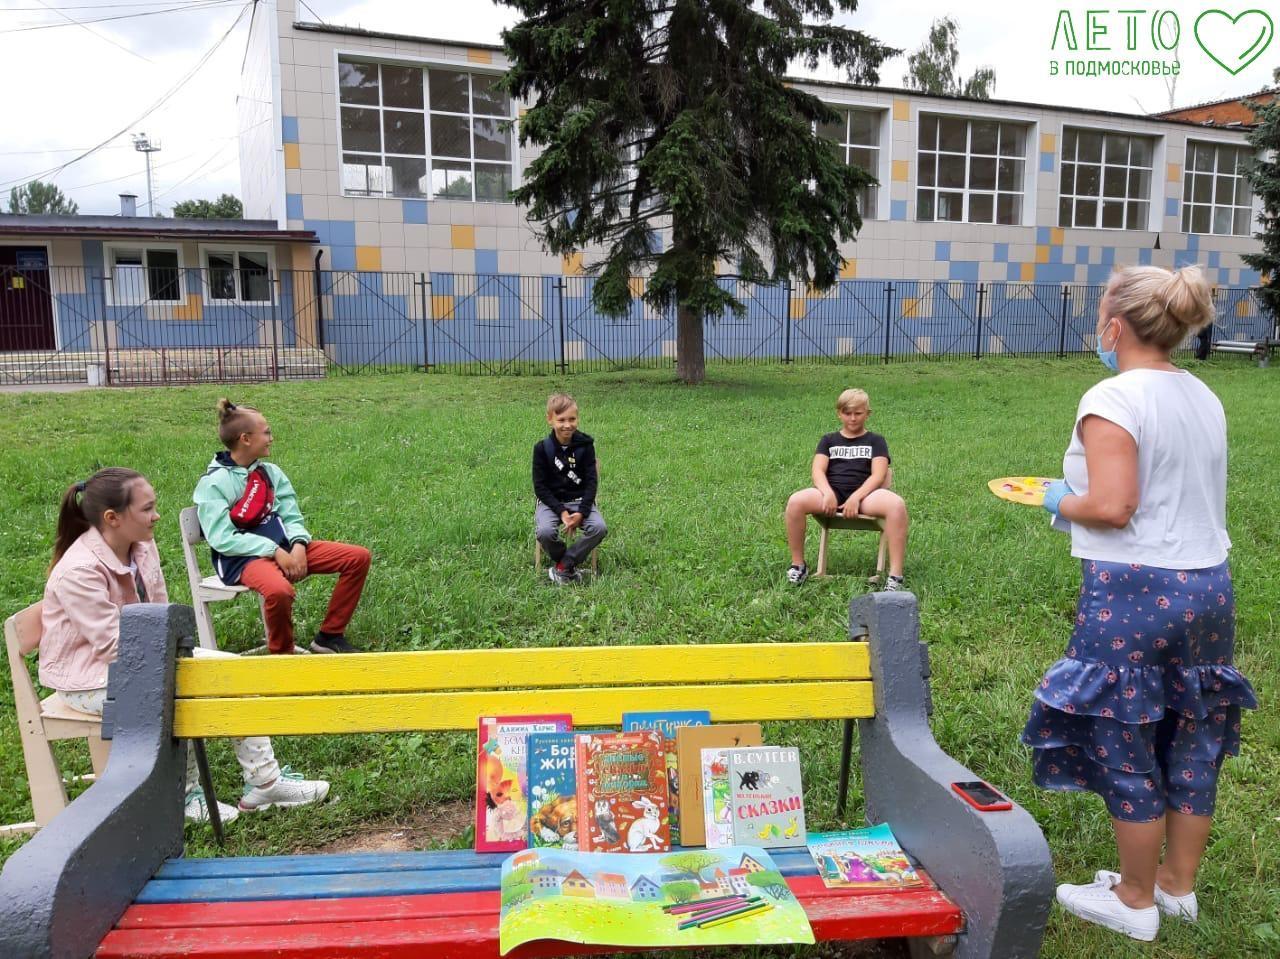 В Коломне открыли летние читательские залы «Небо в рифму»